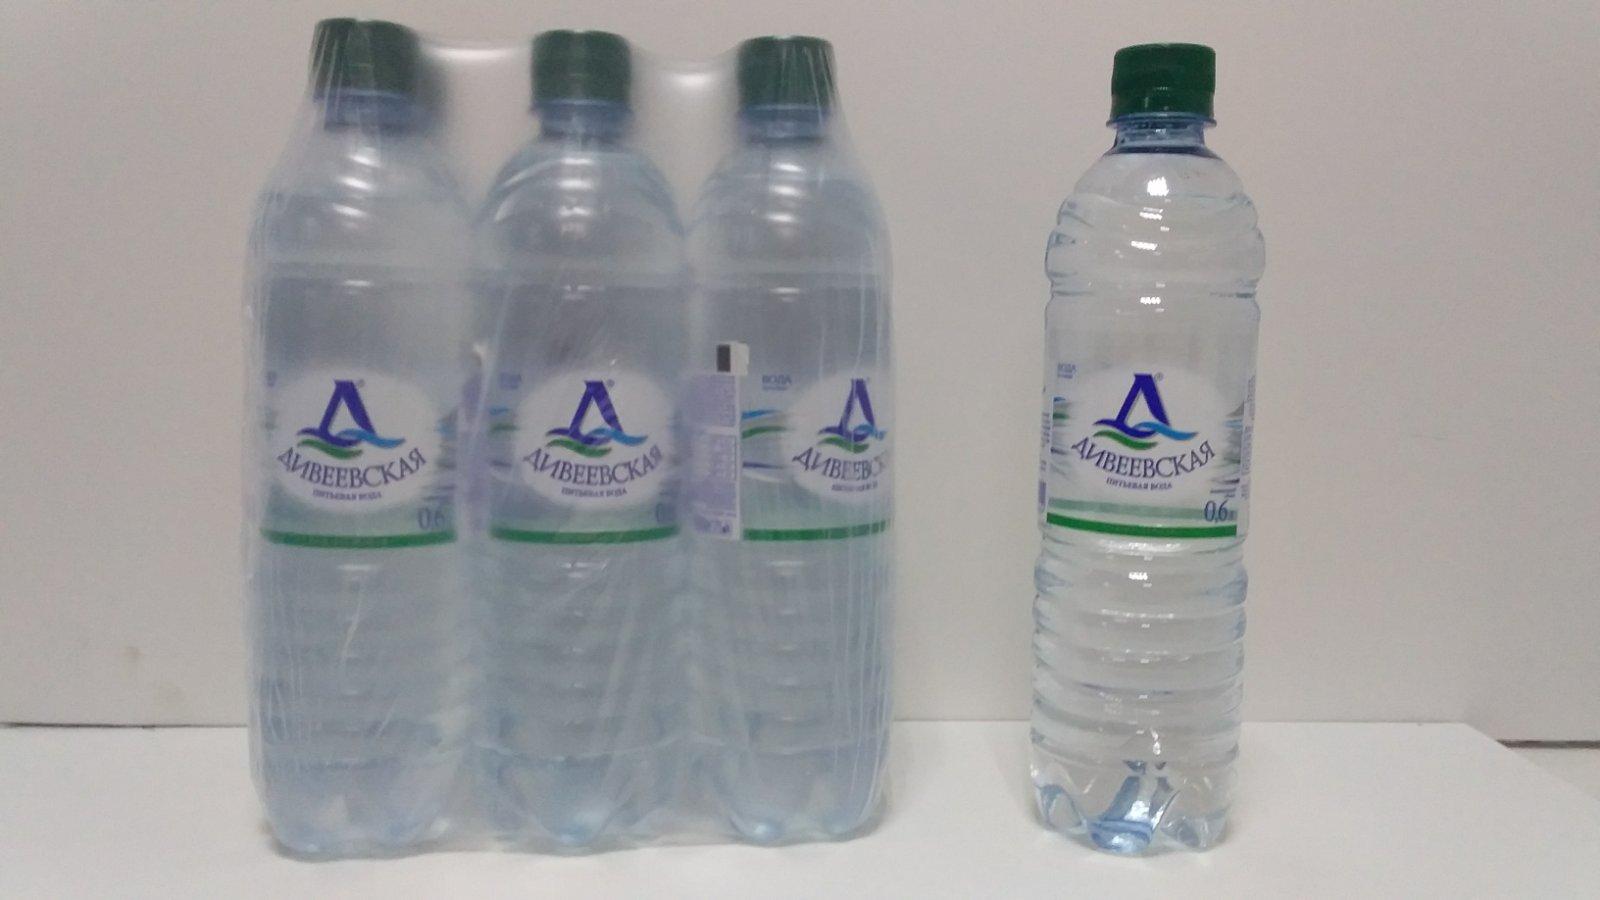 Упаковка Дивеевской воды 0,6 л в ПЭТ бутылках